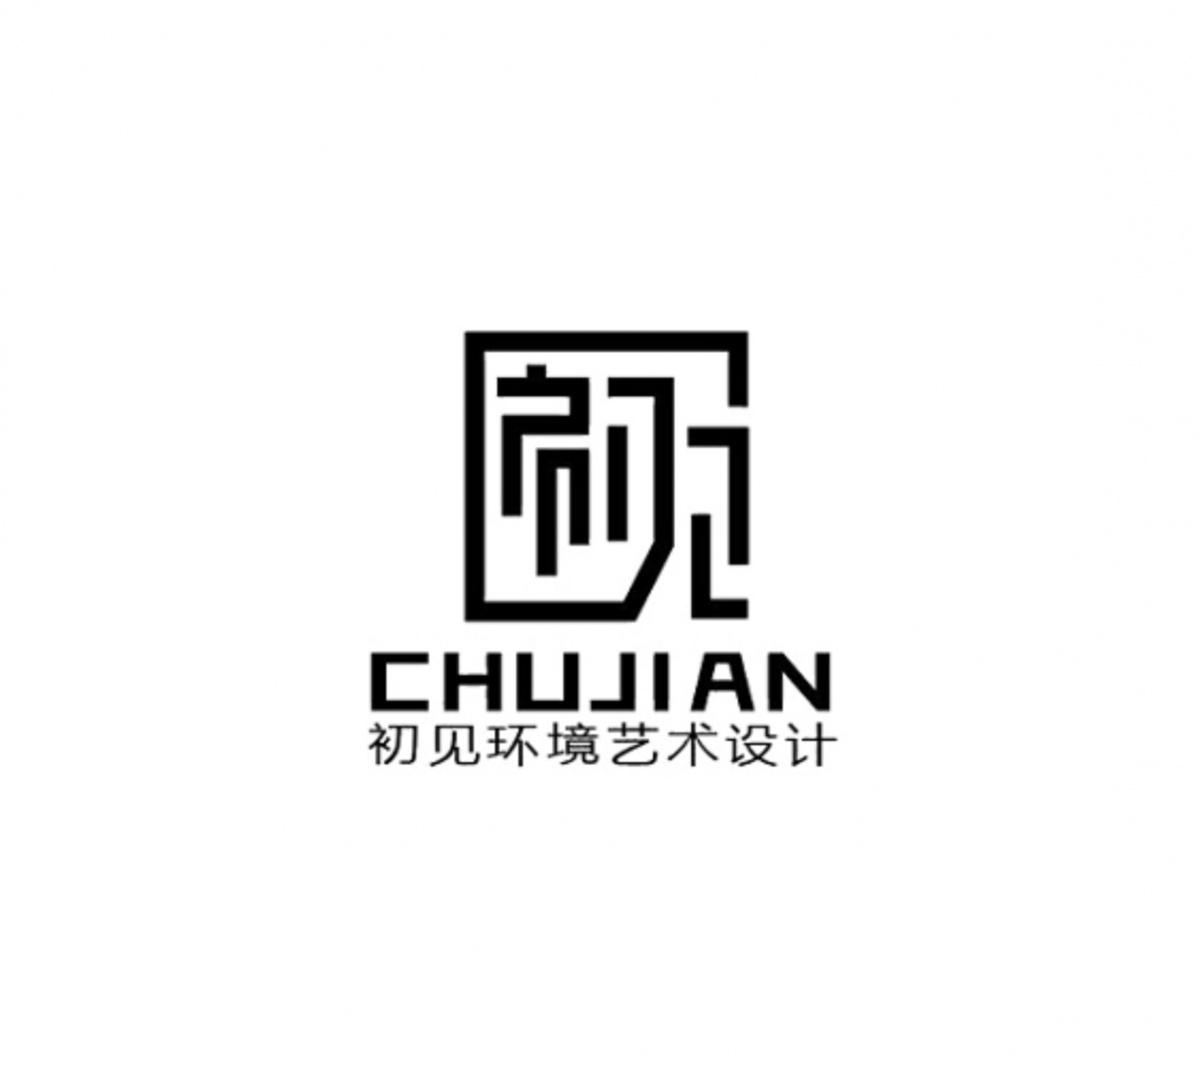 初见设计工作室from深圳